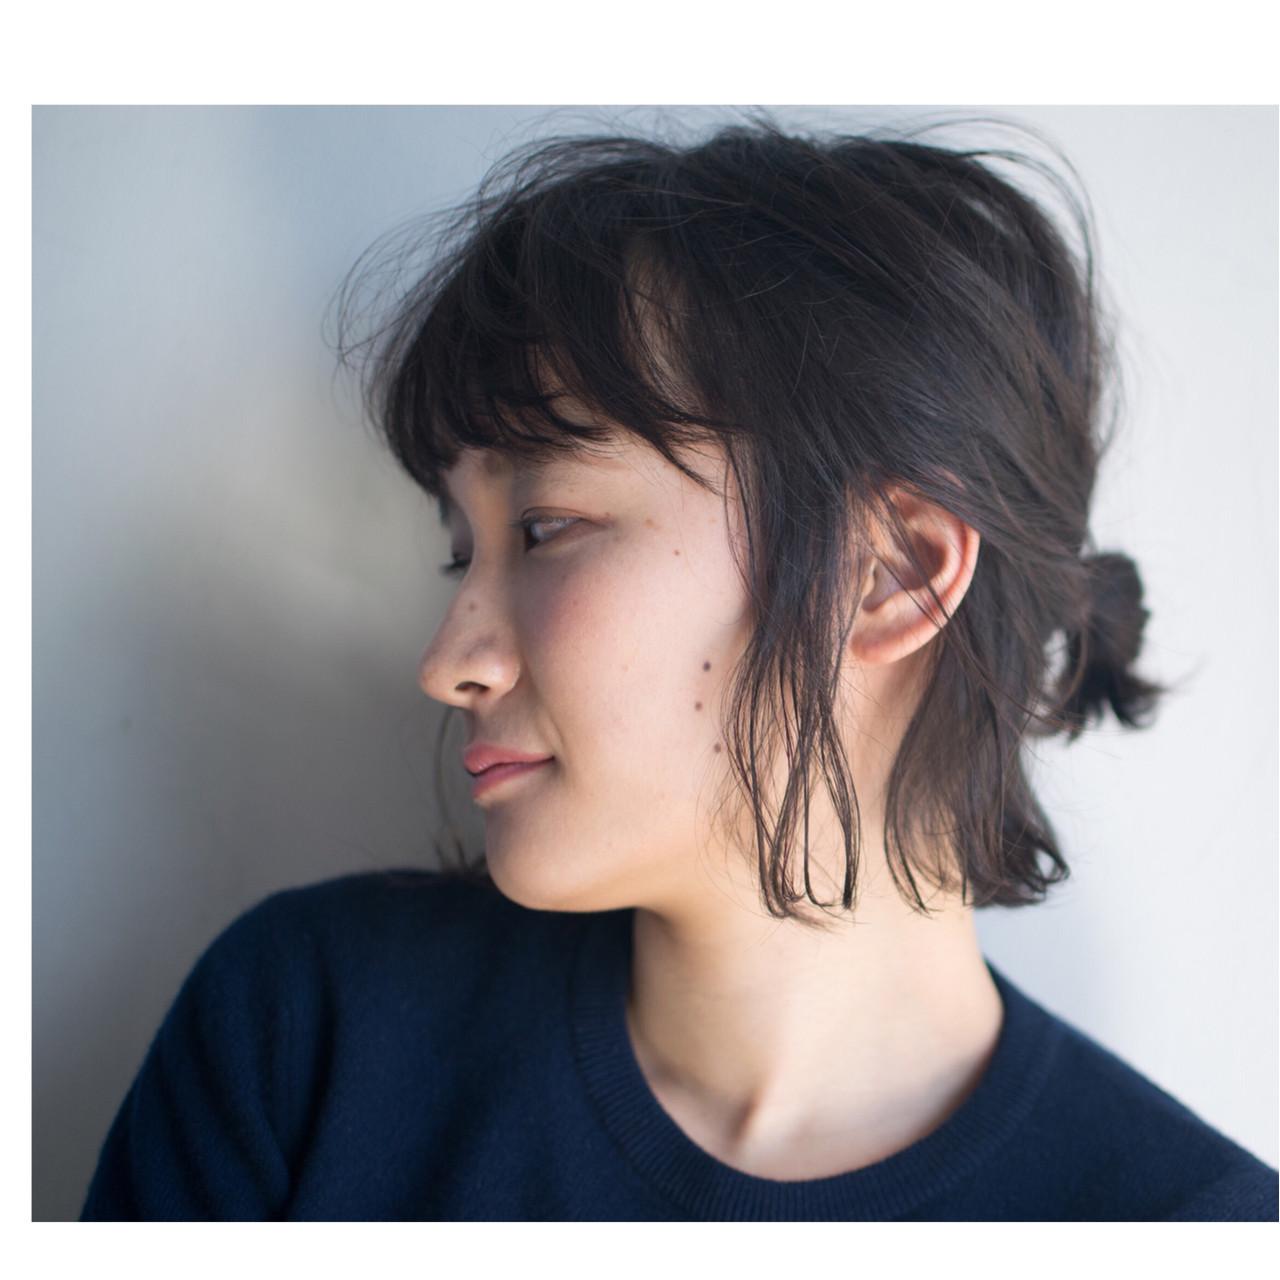 髪型にマンネリボブさんにおすすめ!簡単セルフアレンジを楽しもう♡ anti_RIKUSHI